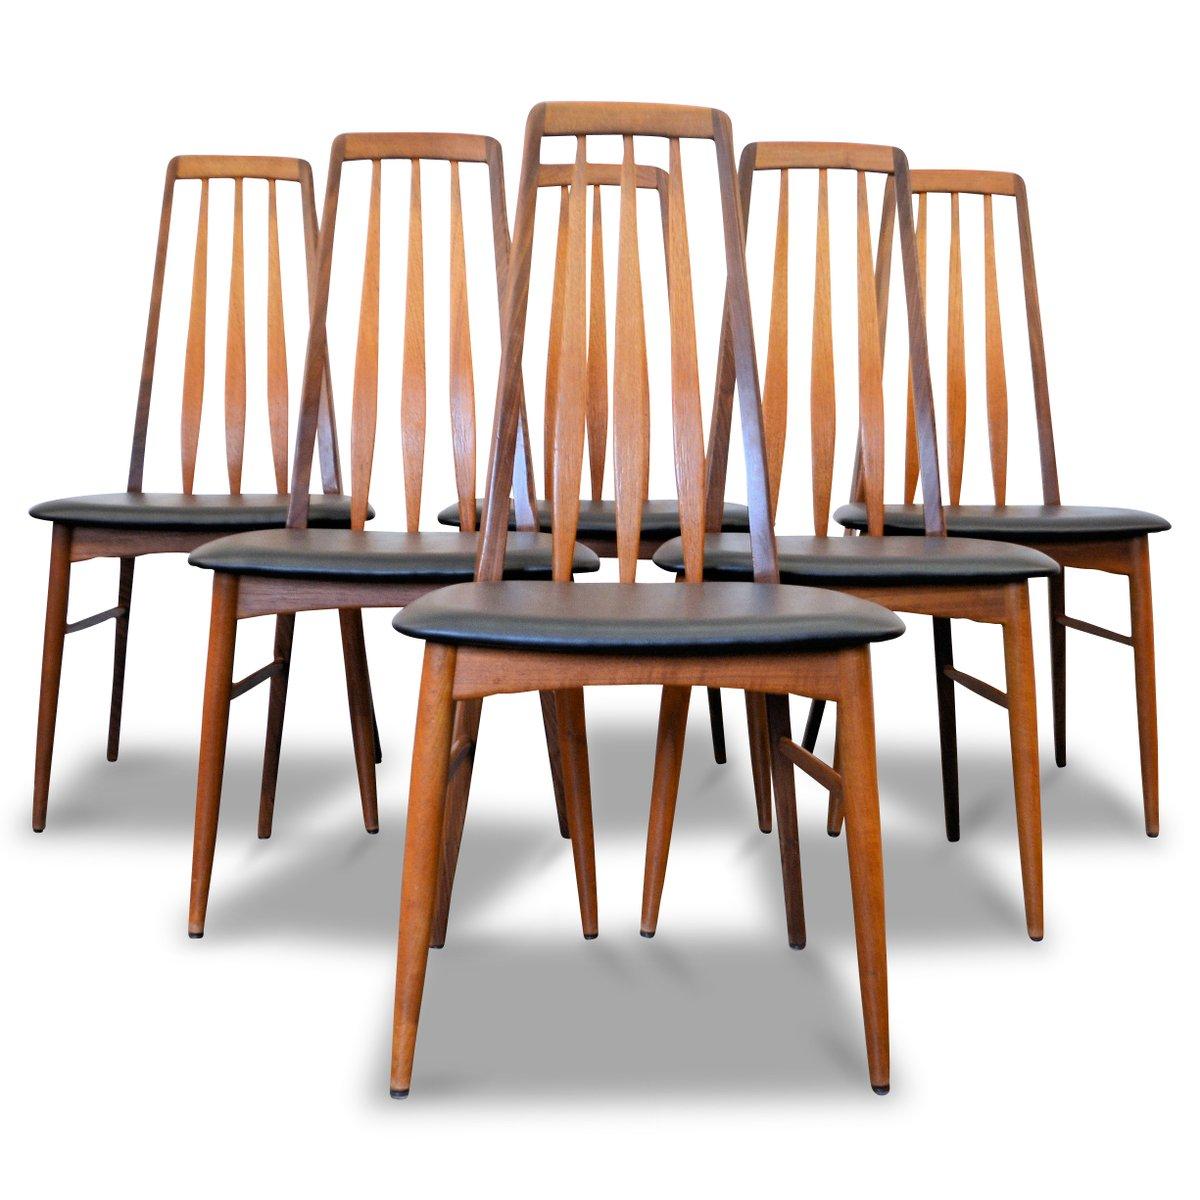 Chaises de salle manger eva par niels koefoed pour for Chaise salle a manger par 6